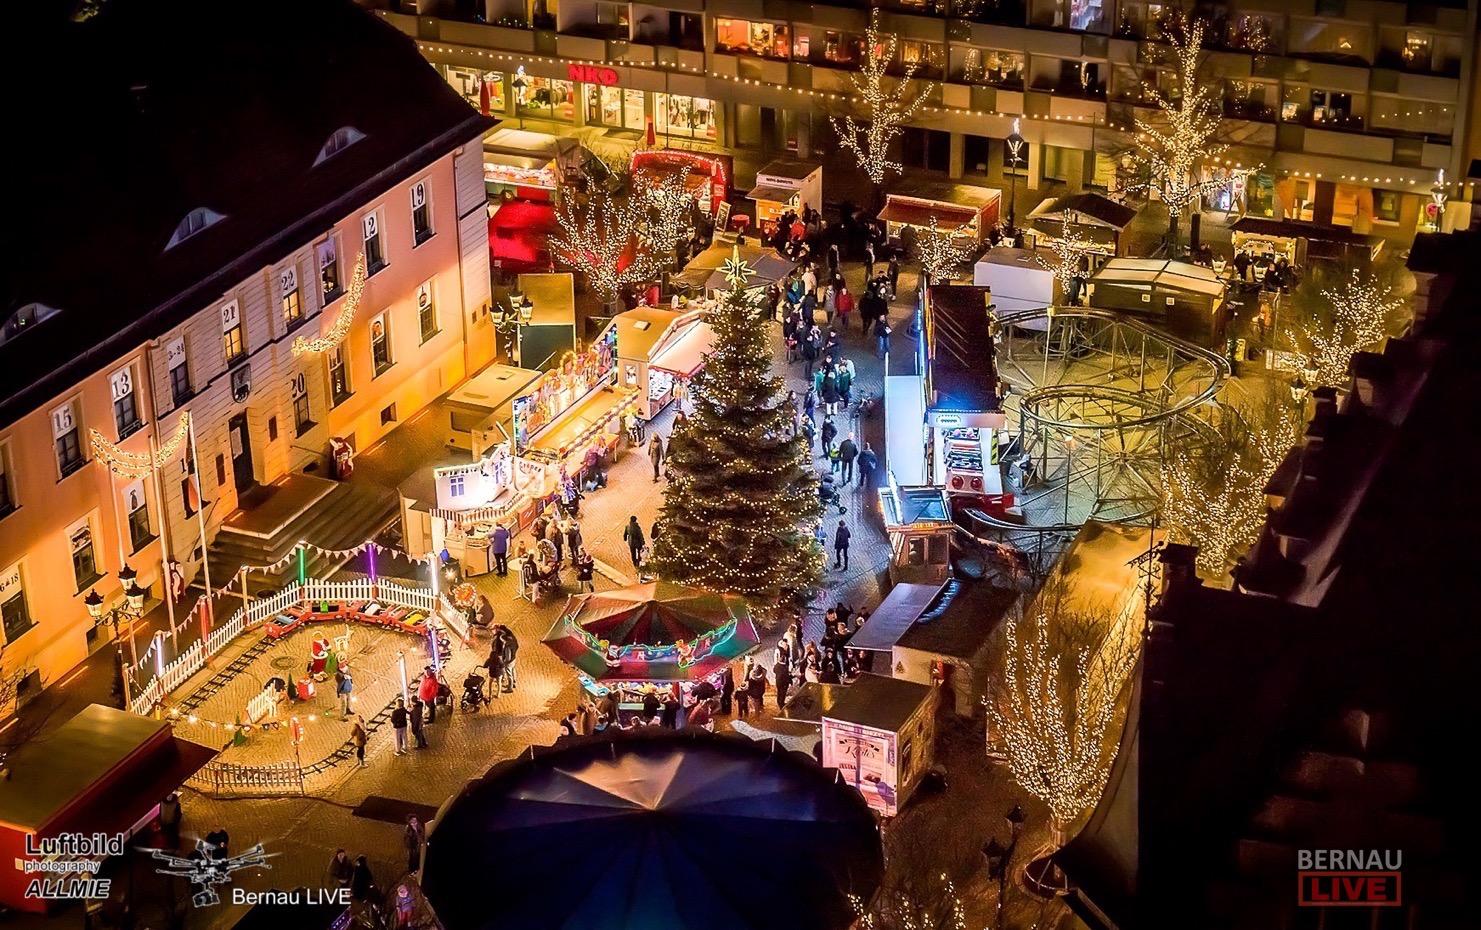 Weihnachtsmarkt Bernau heute noch bis 21 Uhr geöffnet